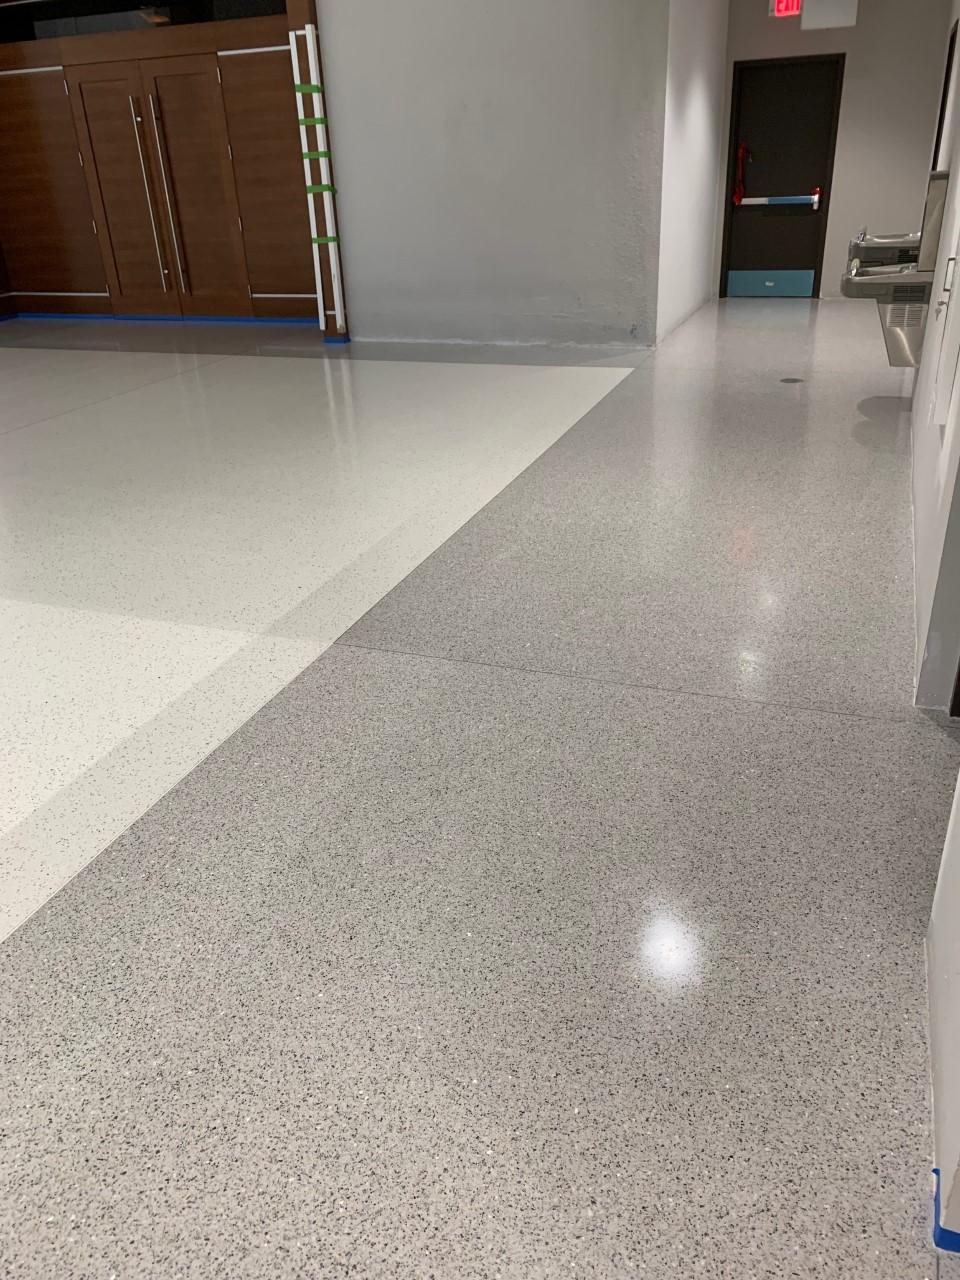 Terrazzo Flooring Installer In 2019 Terrazzo Flooring